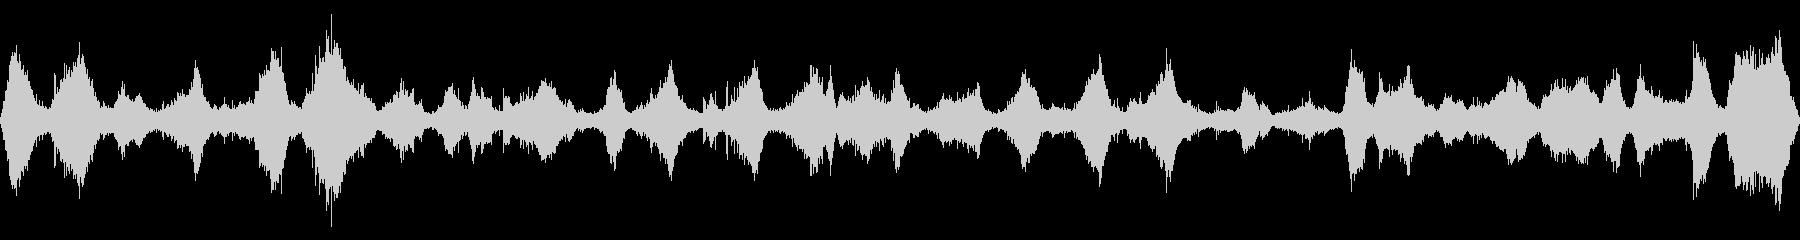 大浜海岸の波の音 12 【徳島】の未再生の波形